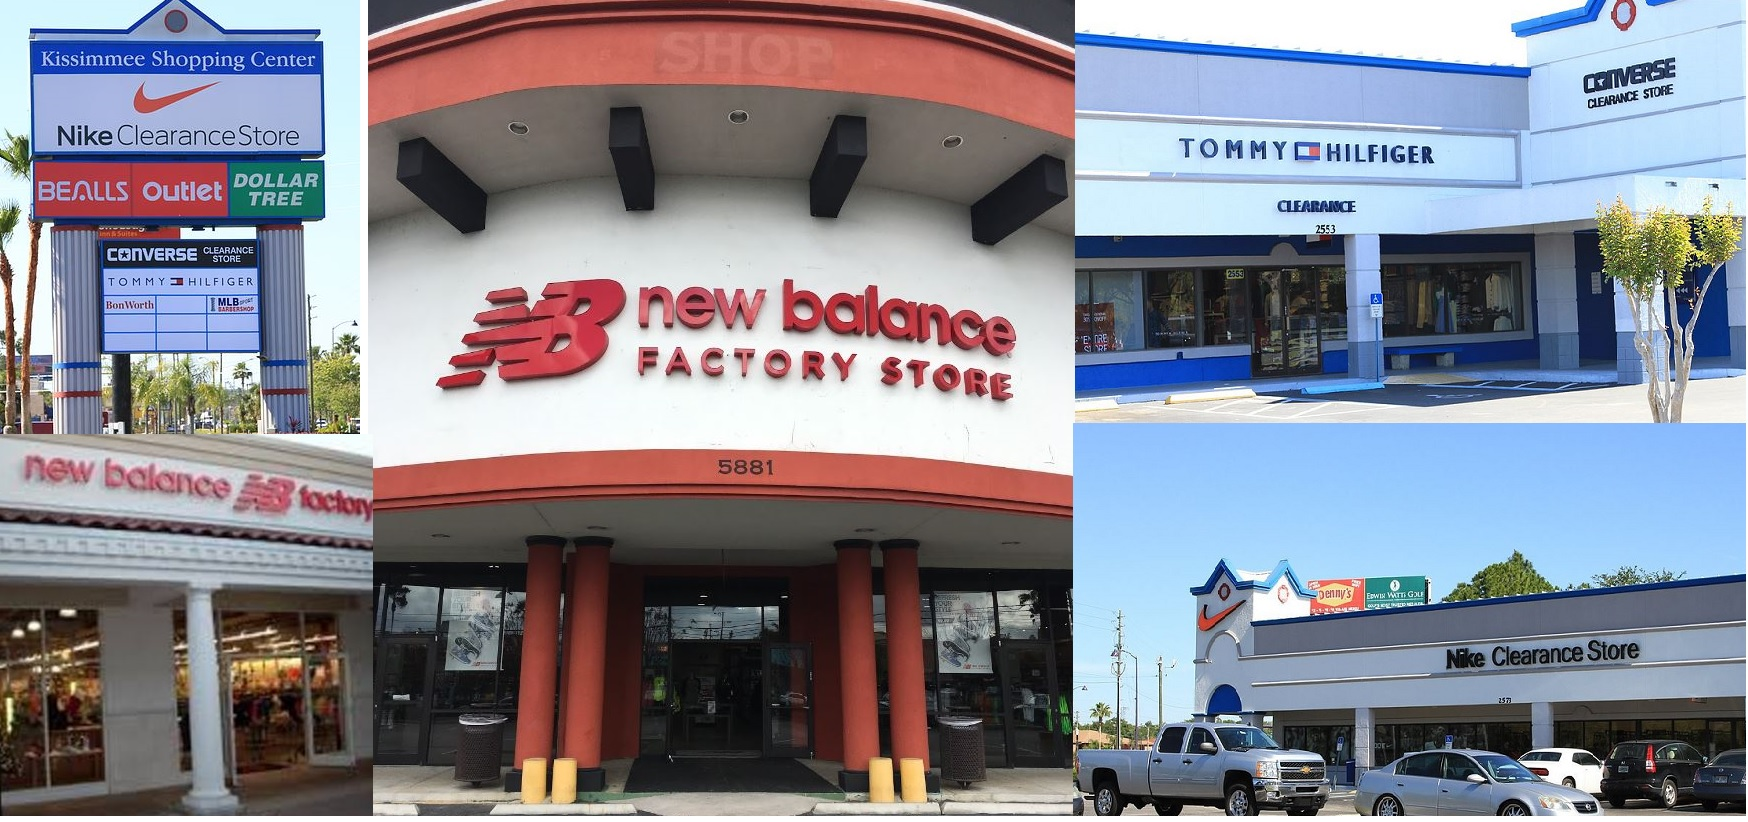 servicio duradero comprar el más nuevo Venta barata Guía de Compras OrlandoNew Balance ®, Nike ® y Converse ...